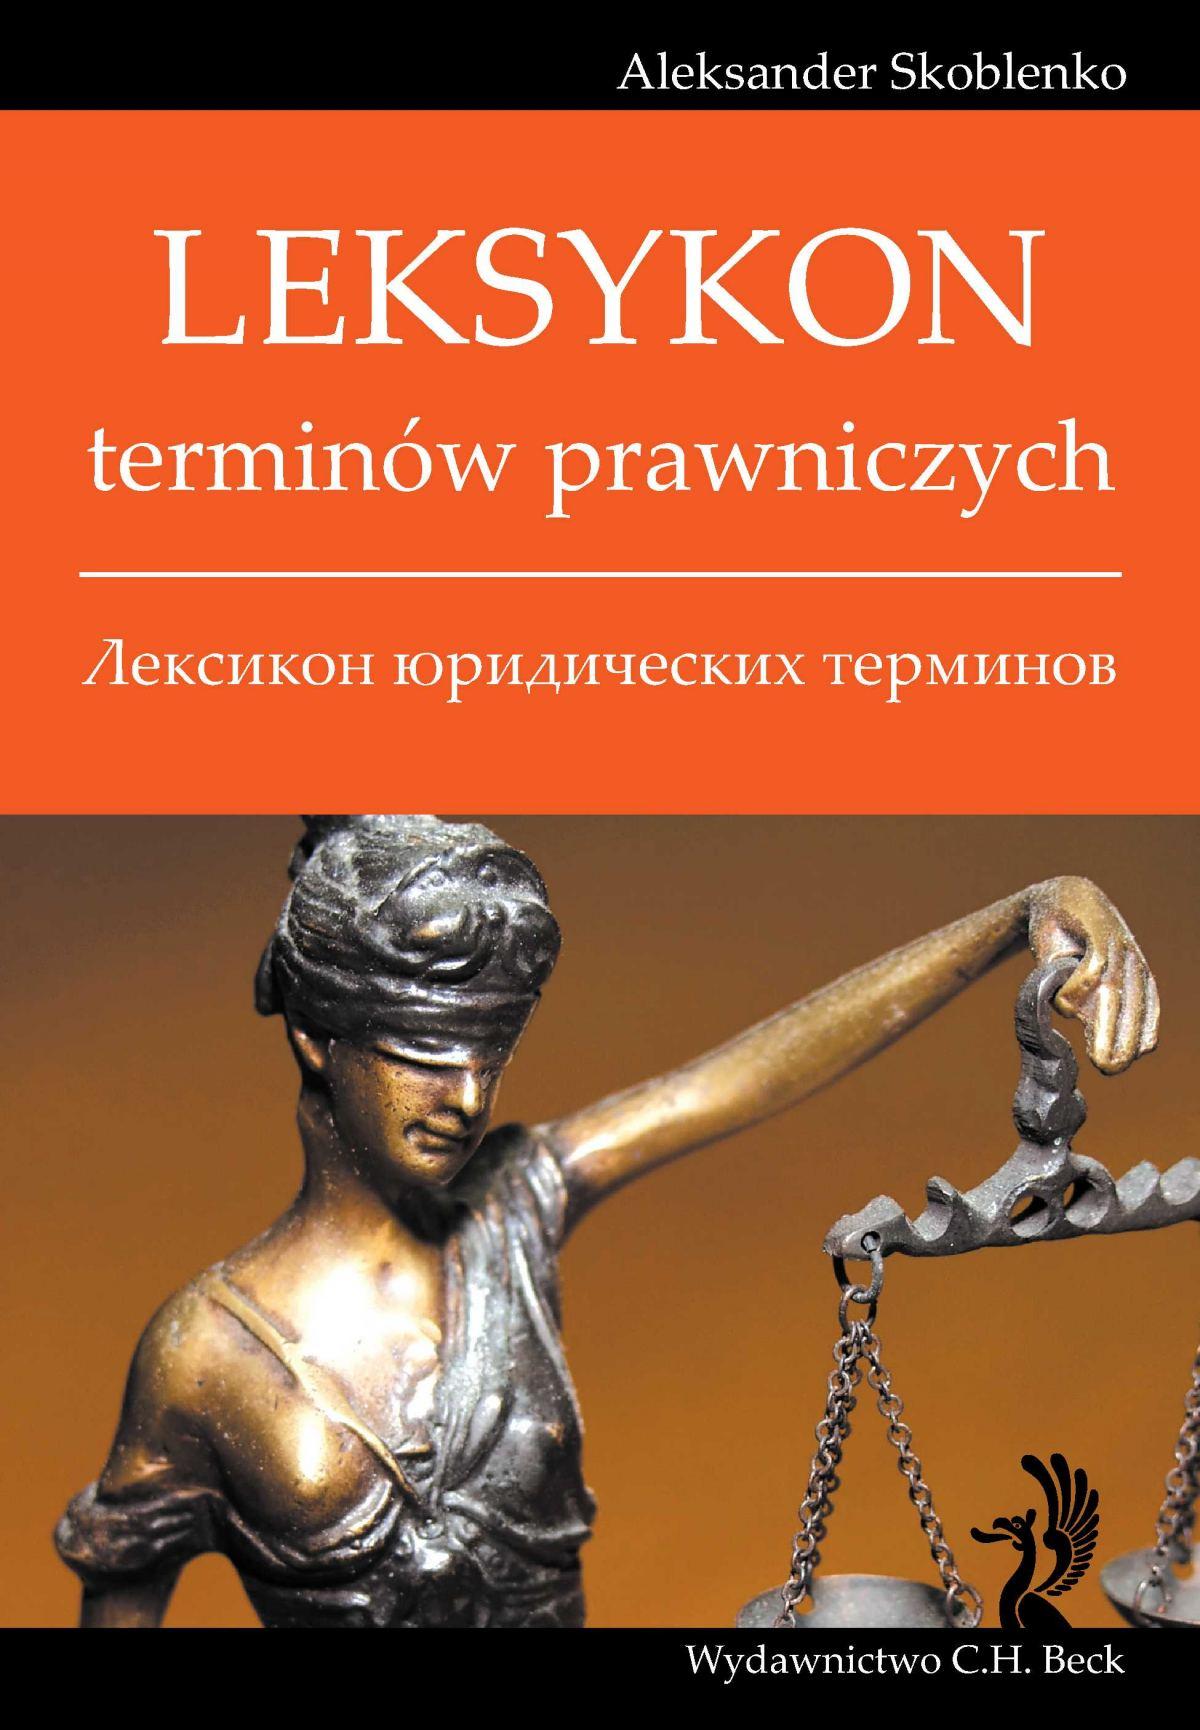 Leksykon terminów prawniczych (rosyjski) - Ebook (Książka PDF) do pobrania w formacie PDF